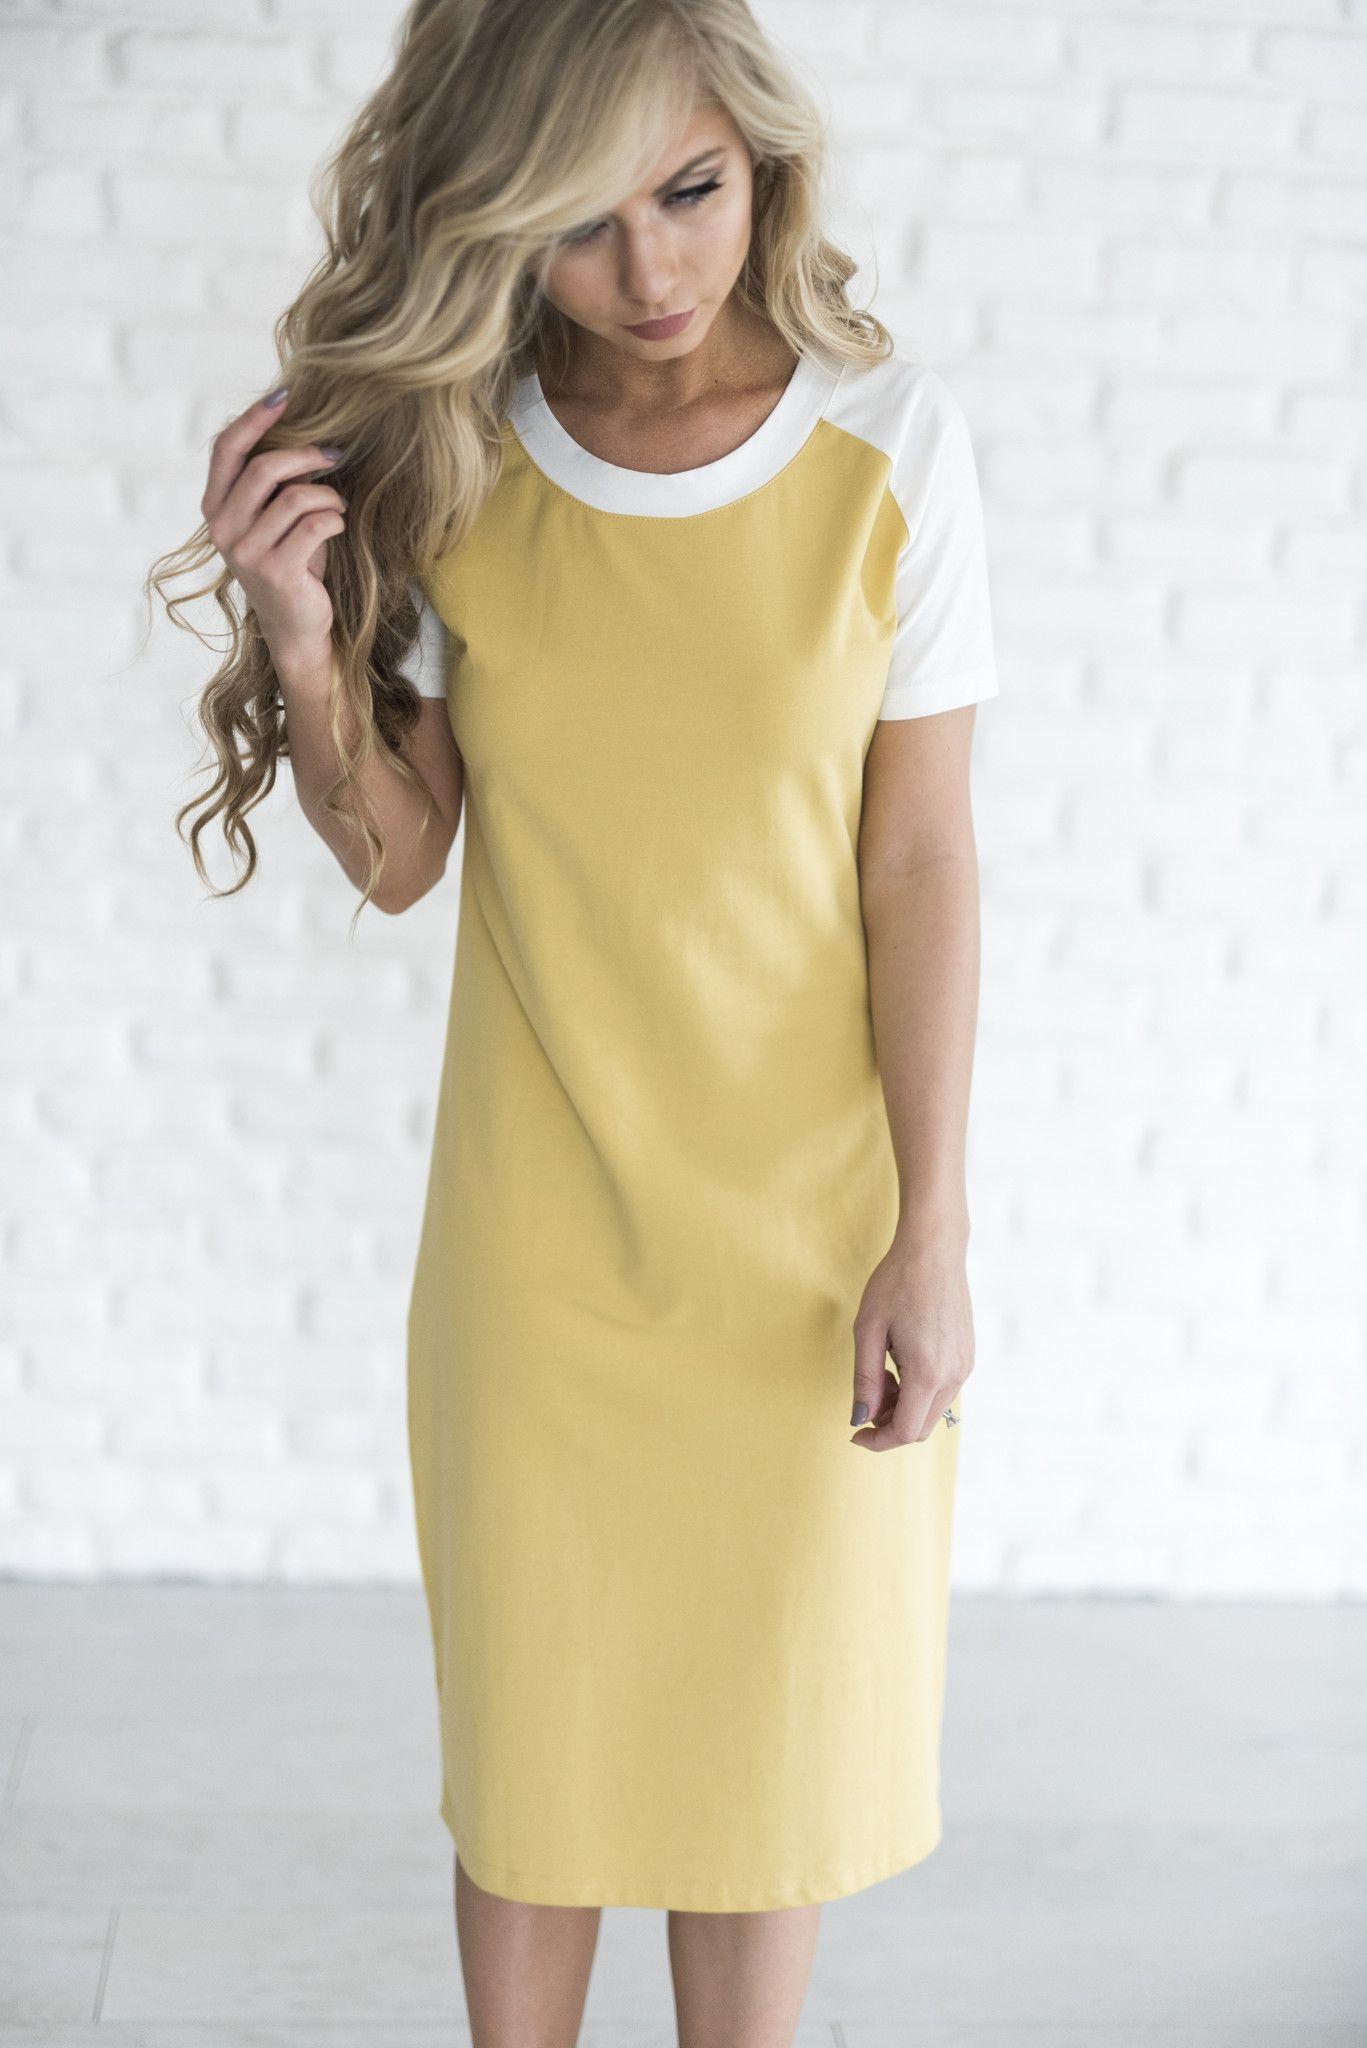 Yellow Modest Summer Dresses